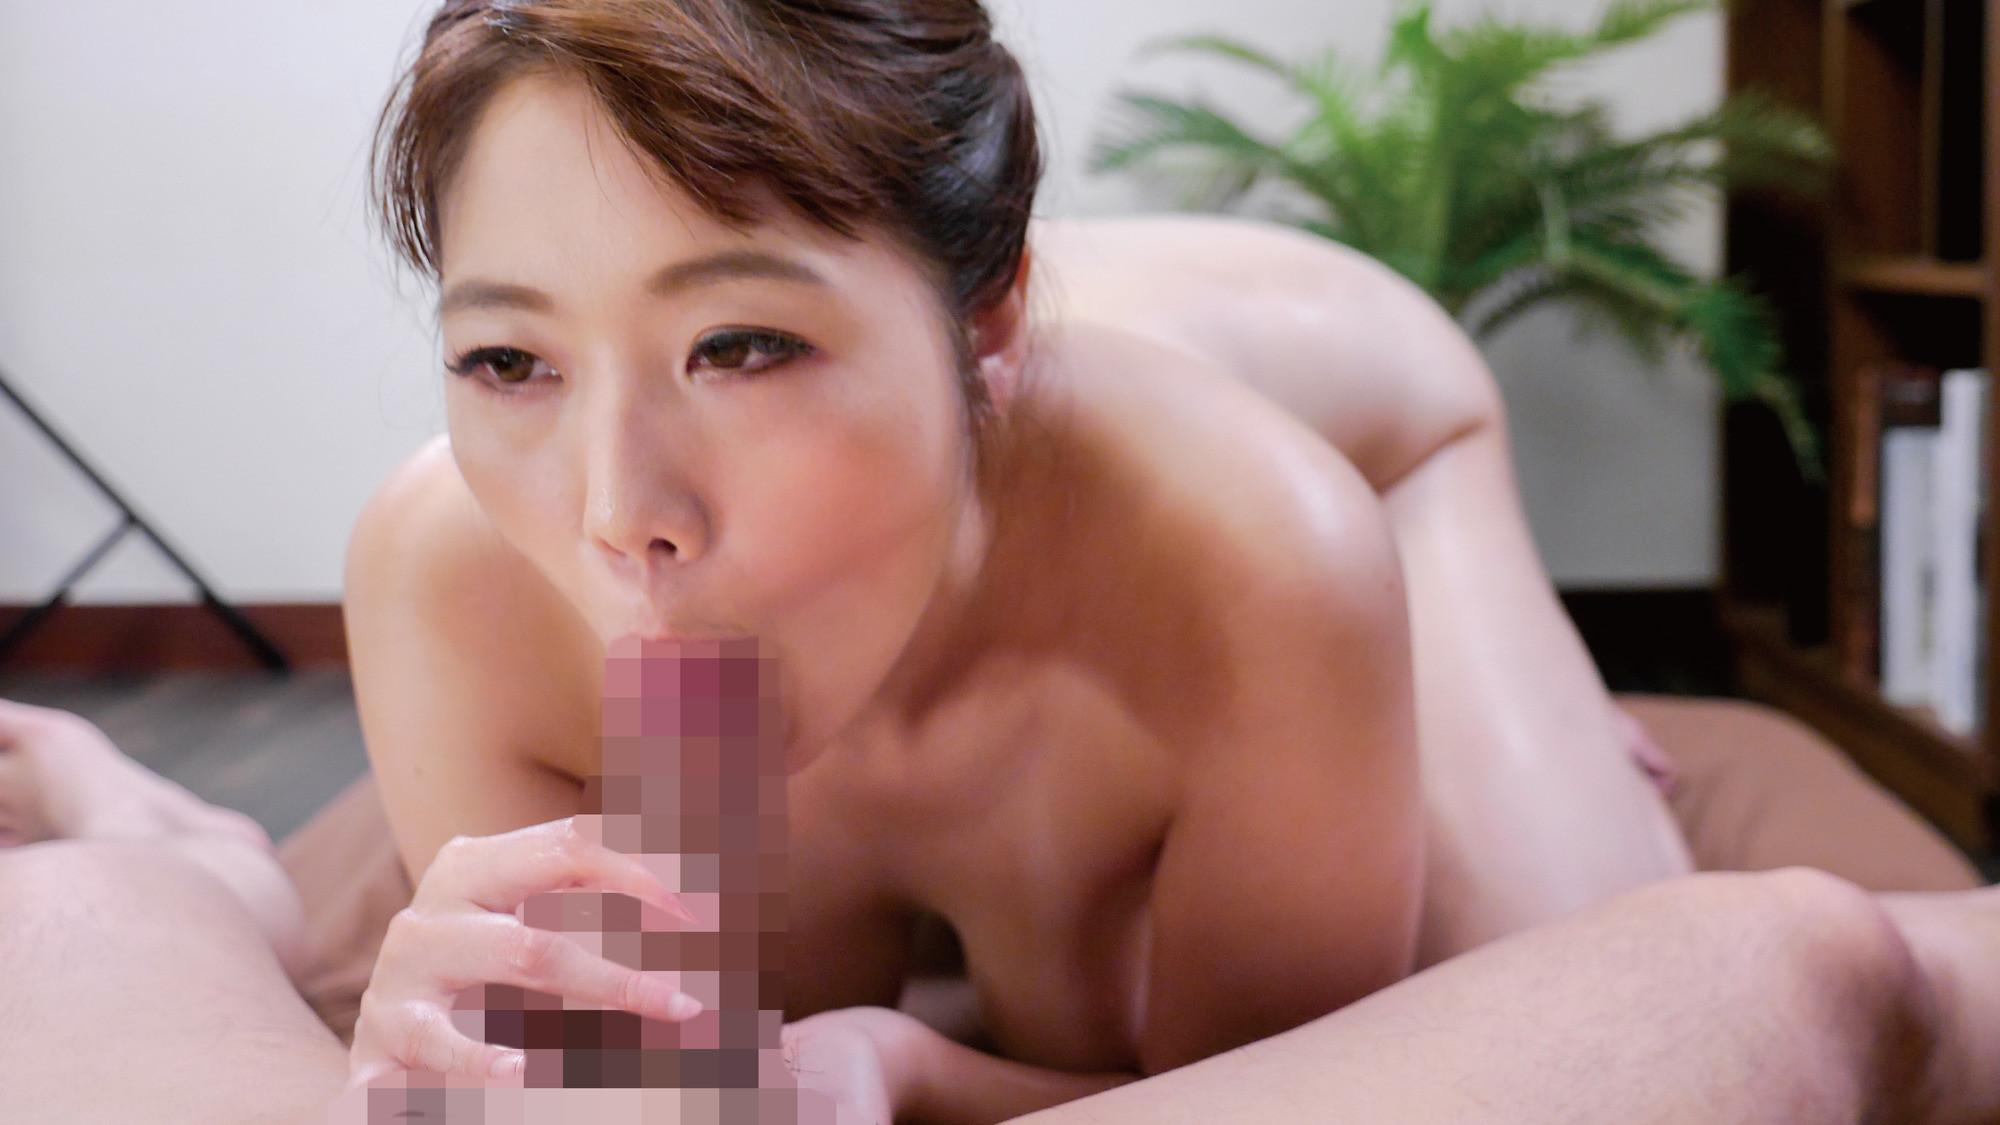 Hカップヤリマン爆乳妻 媚薬オイル快感中出しセックス!!